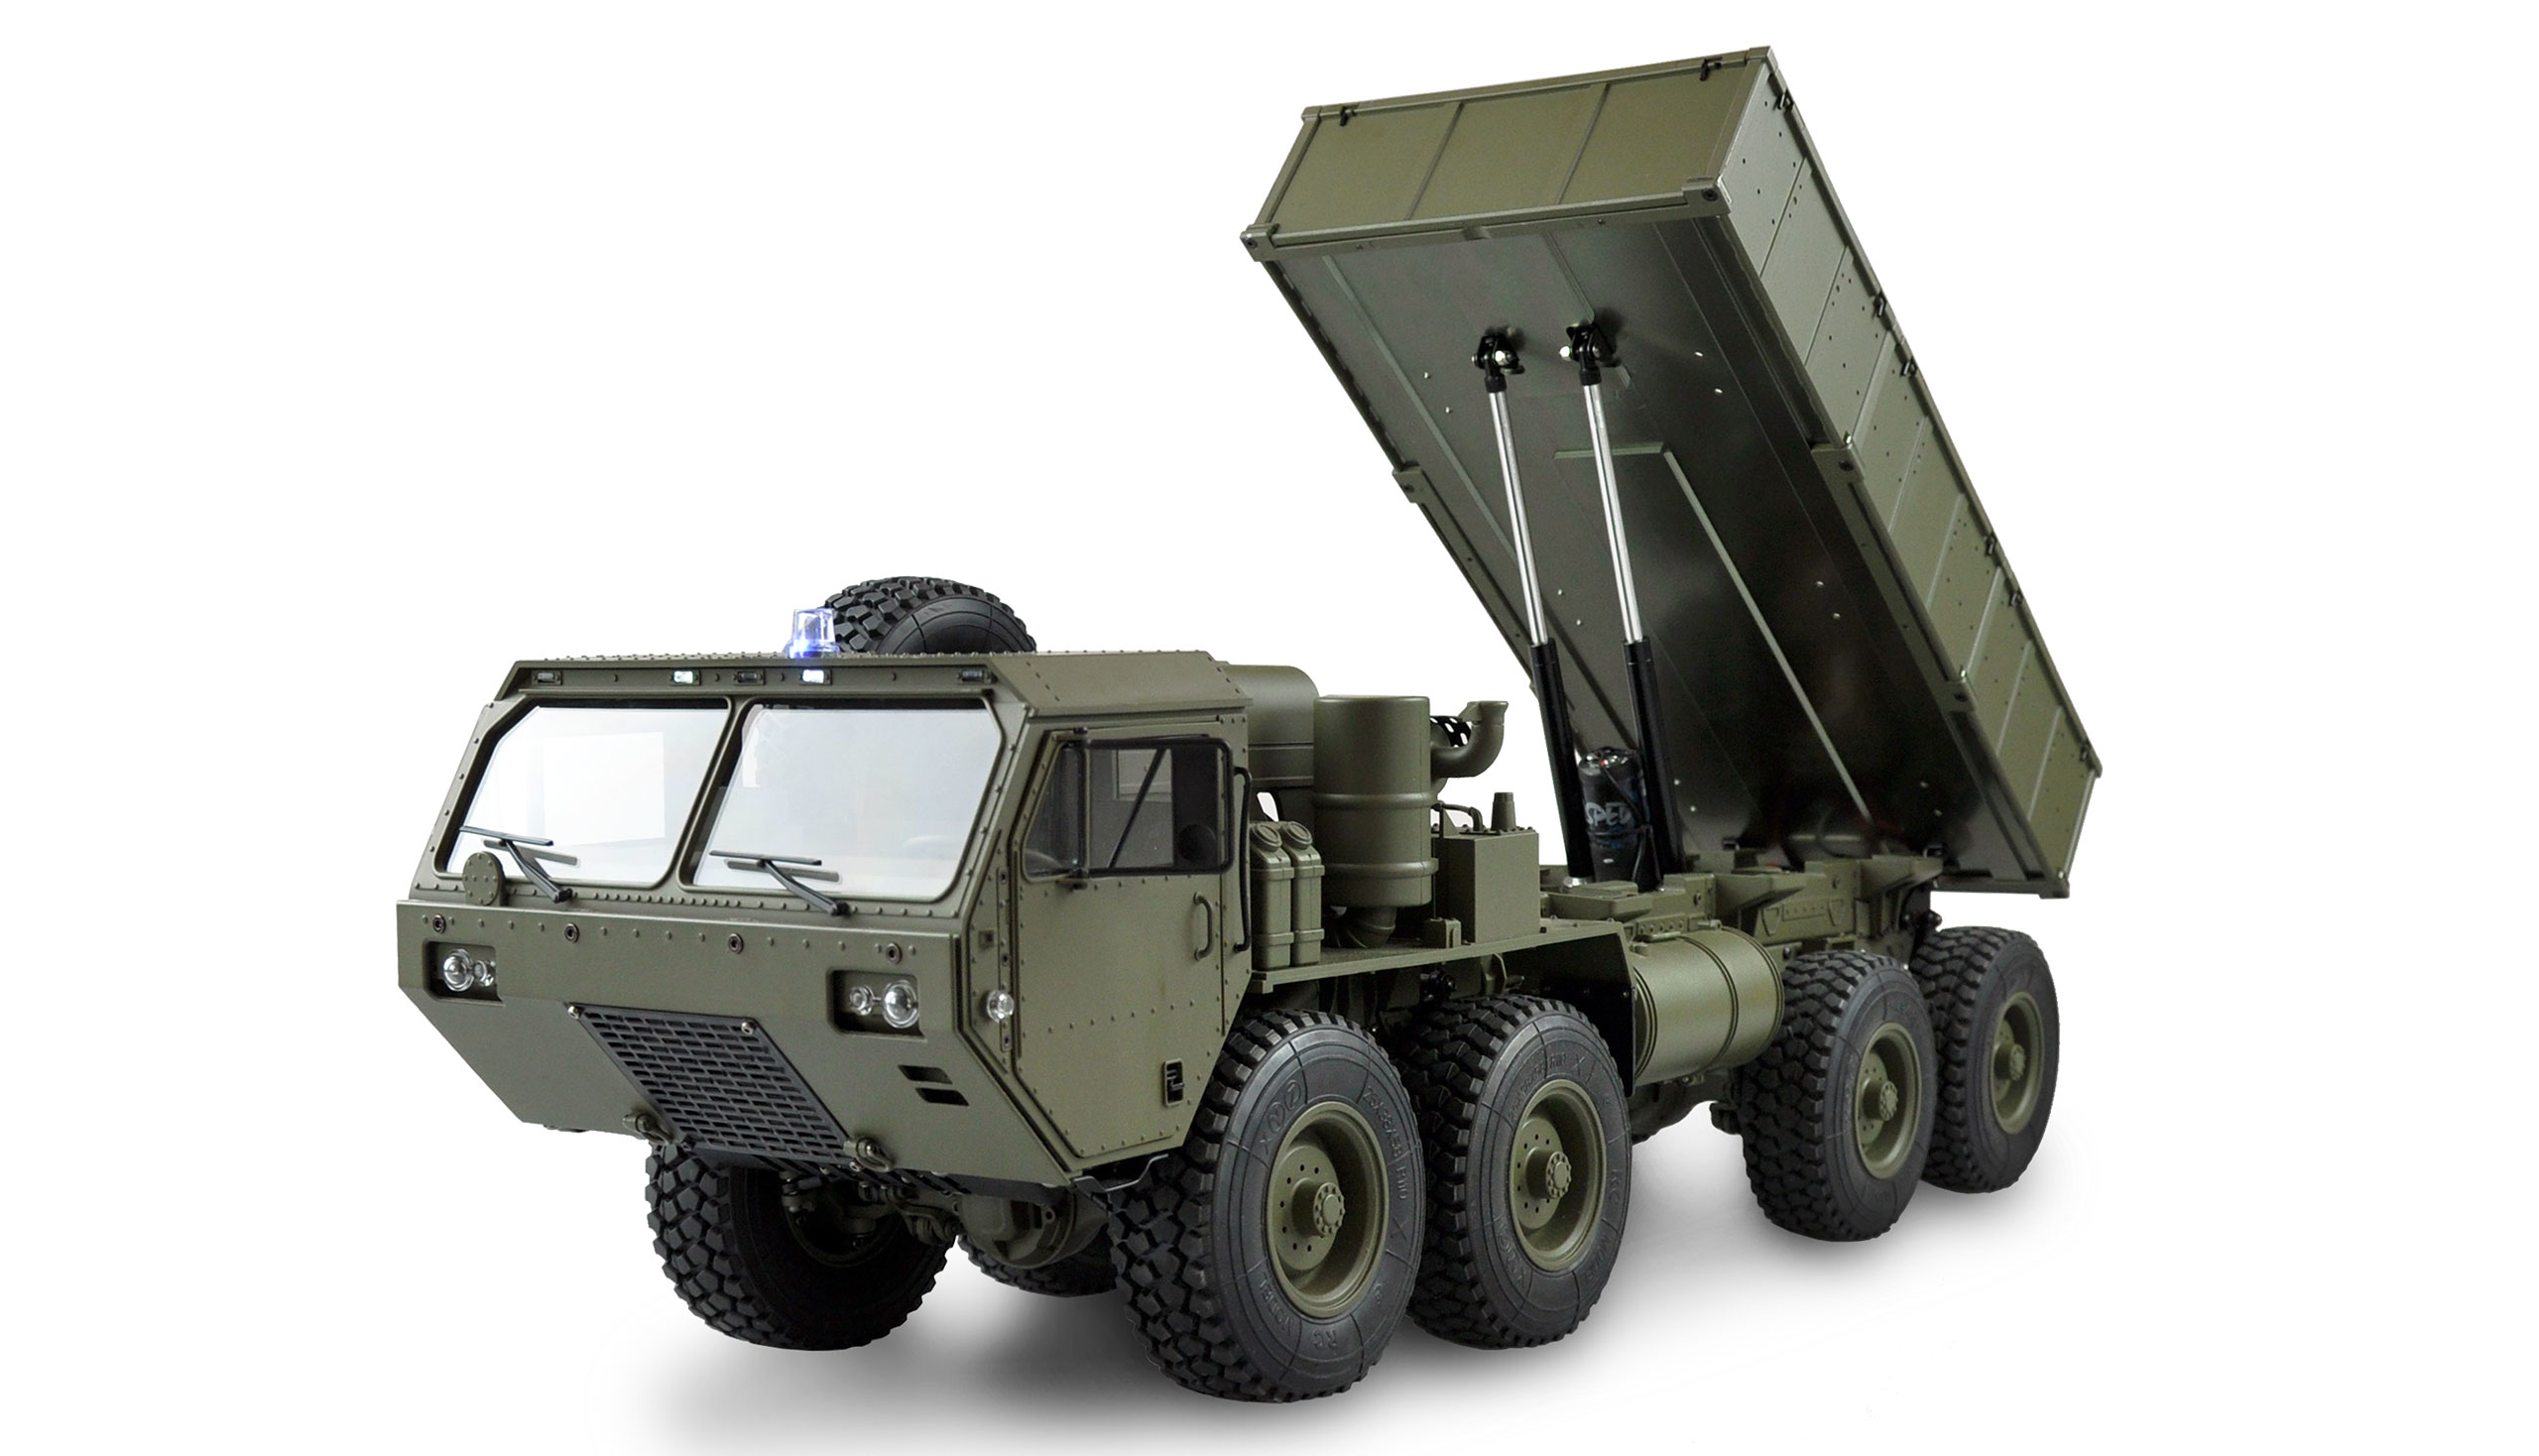 Vorschau: Amewi U.S. Militär Truck 8x8 - Radio-Controlled (RC) truck - Elektromotor - 1:12 - Betriebsbereit (RTR) - Grün - Junge/Mädchen